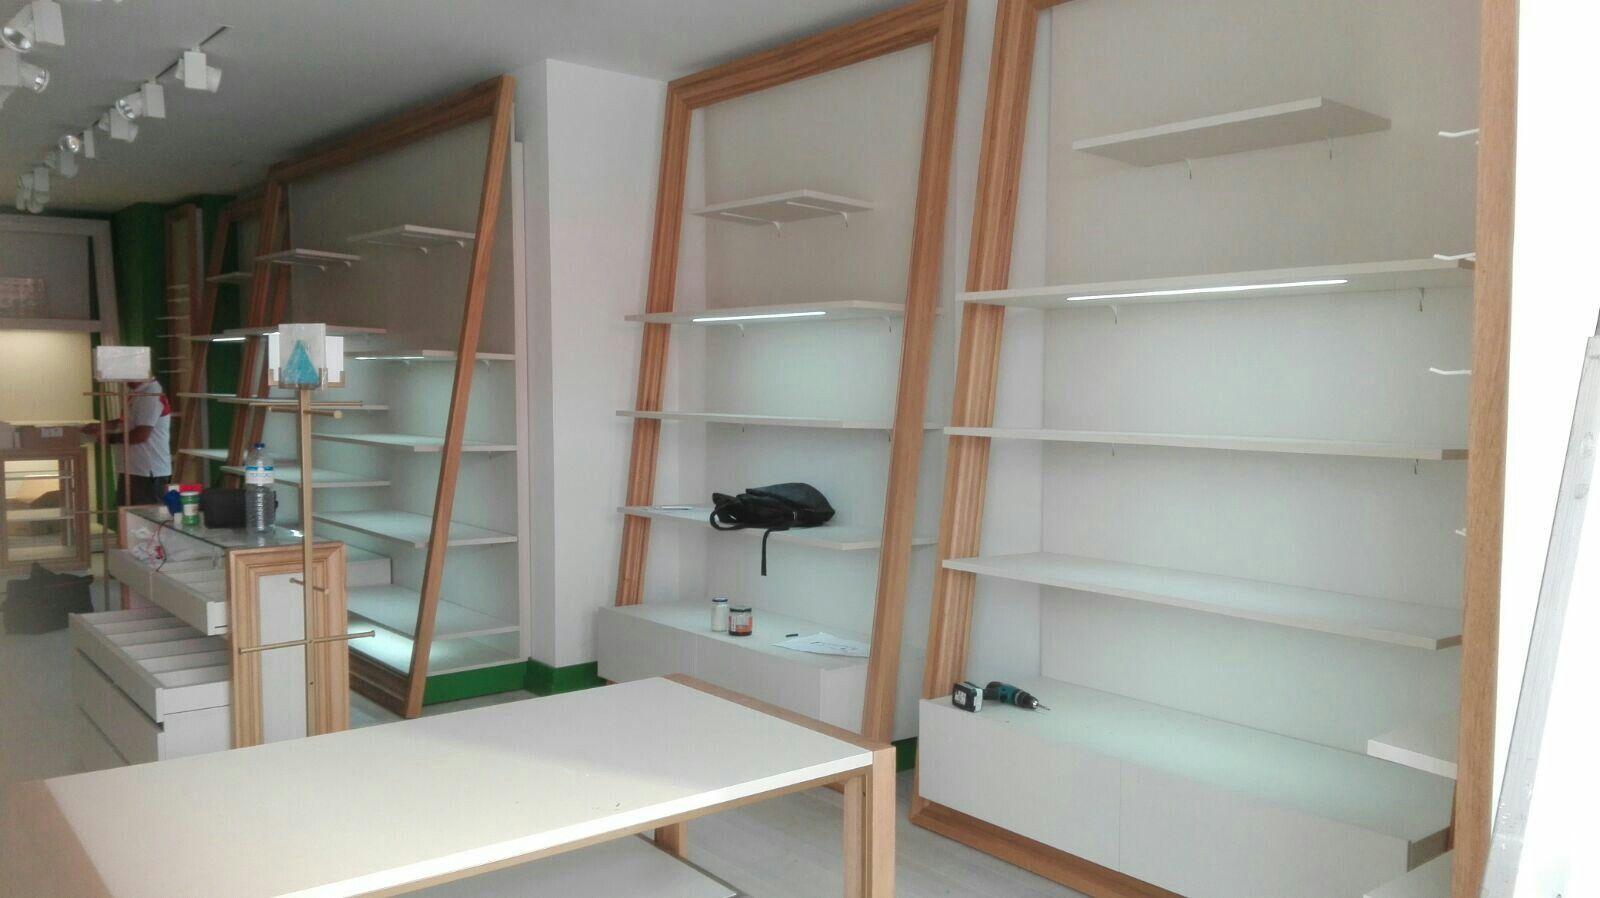 Montaje de muebles en canarias montadores equipamiento comercial en canarias pinterest - Montadores de muebles autonomos ...